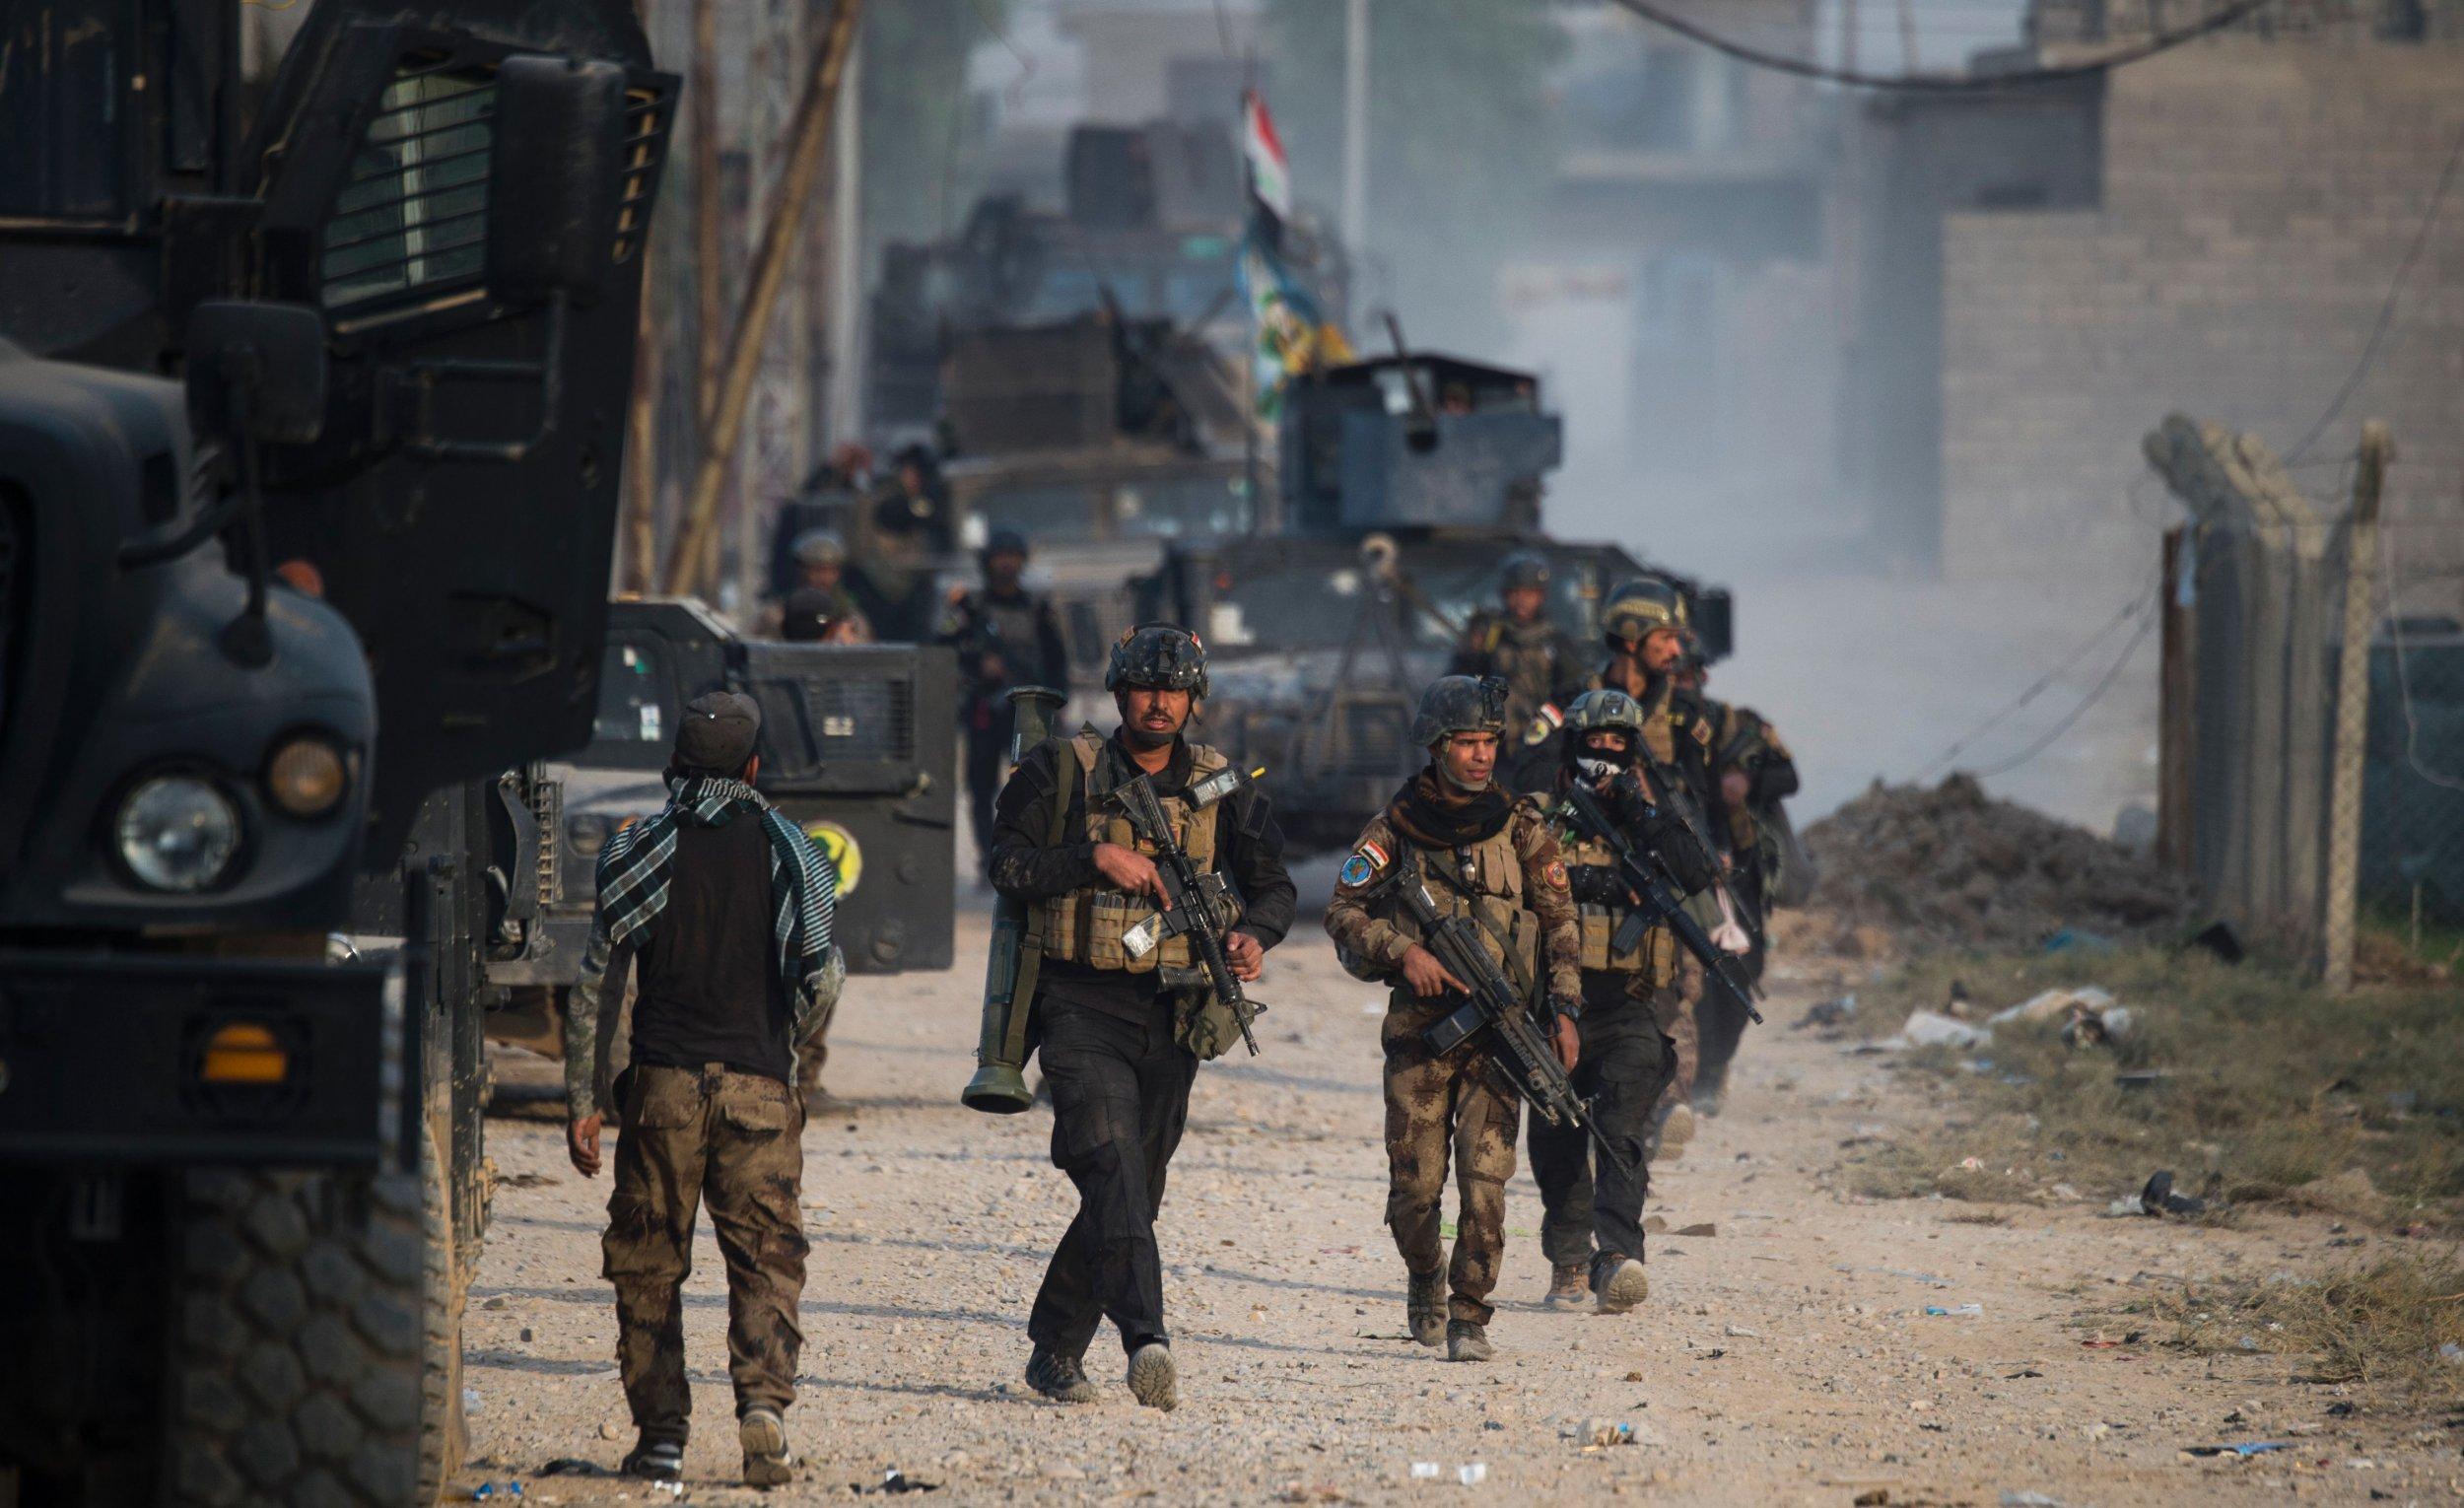 Iraqi soldiers battling in Mosul